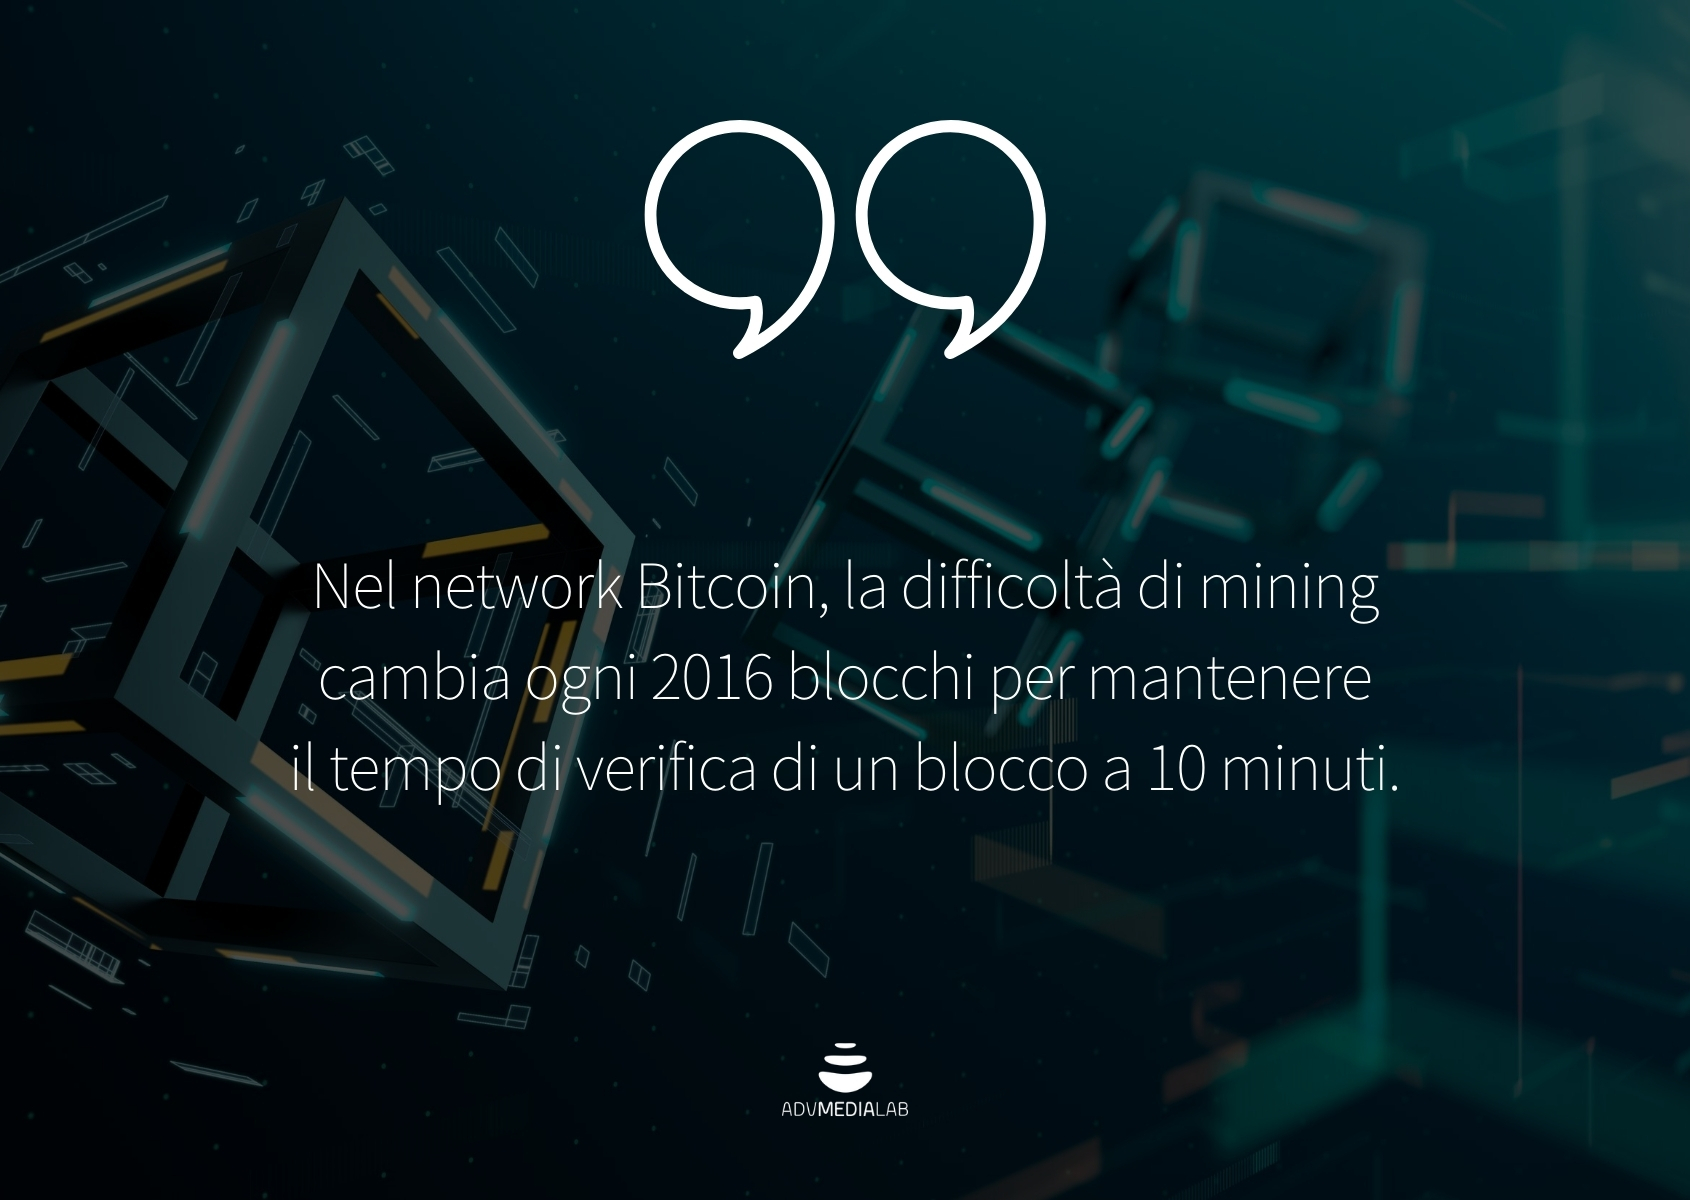 Dizionario-blockchain-quote4